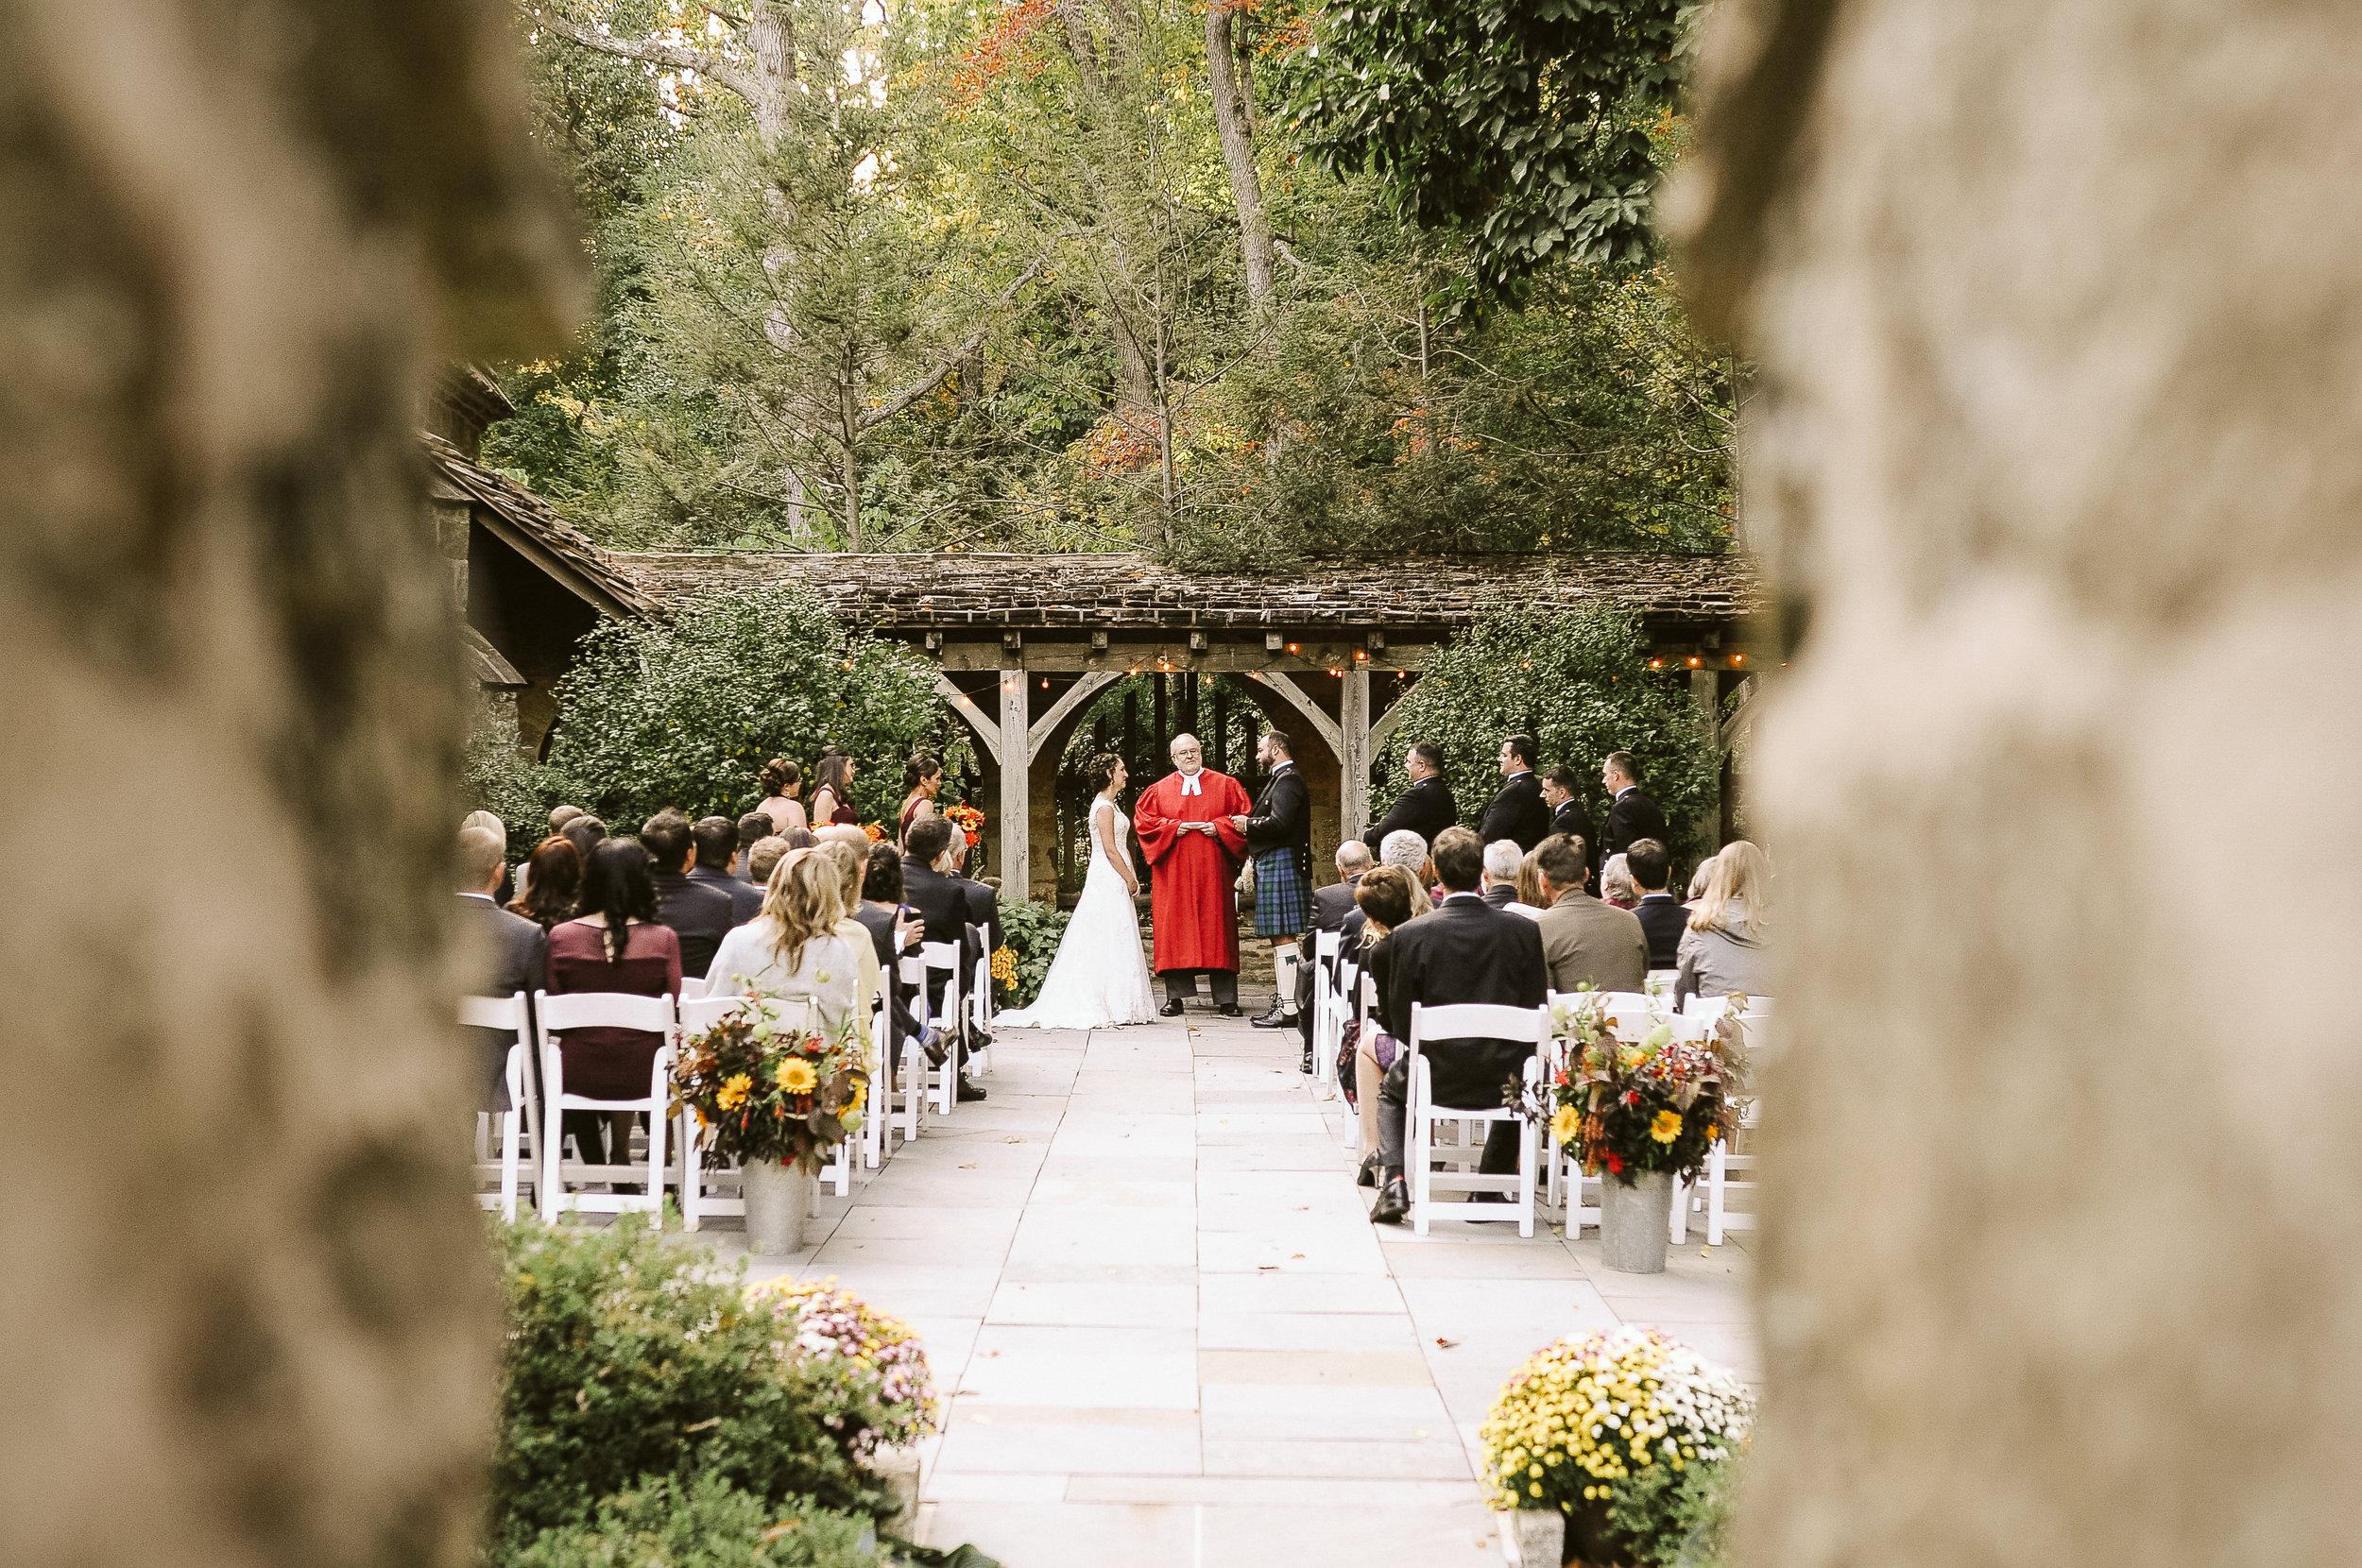 adrienne and greg's wedding 2018 edits-49.jpg